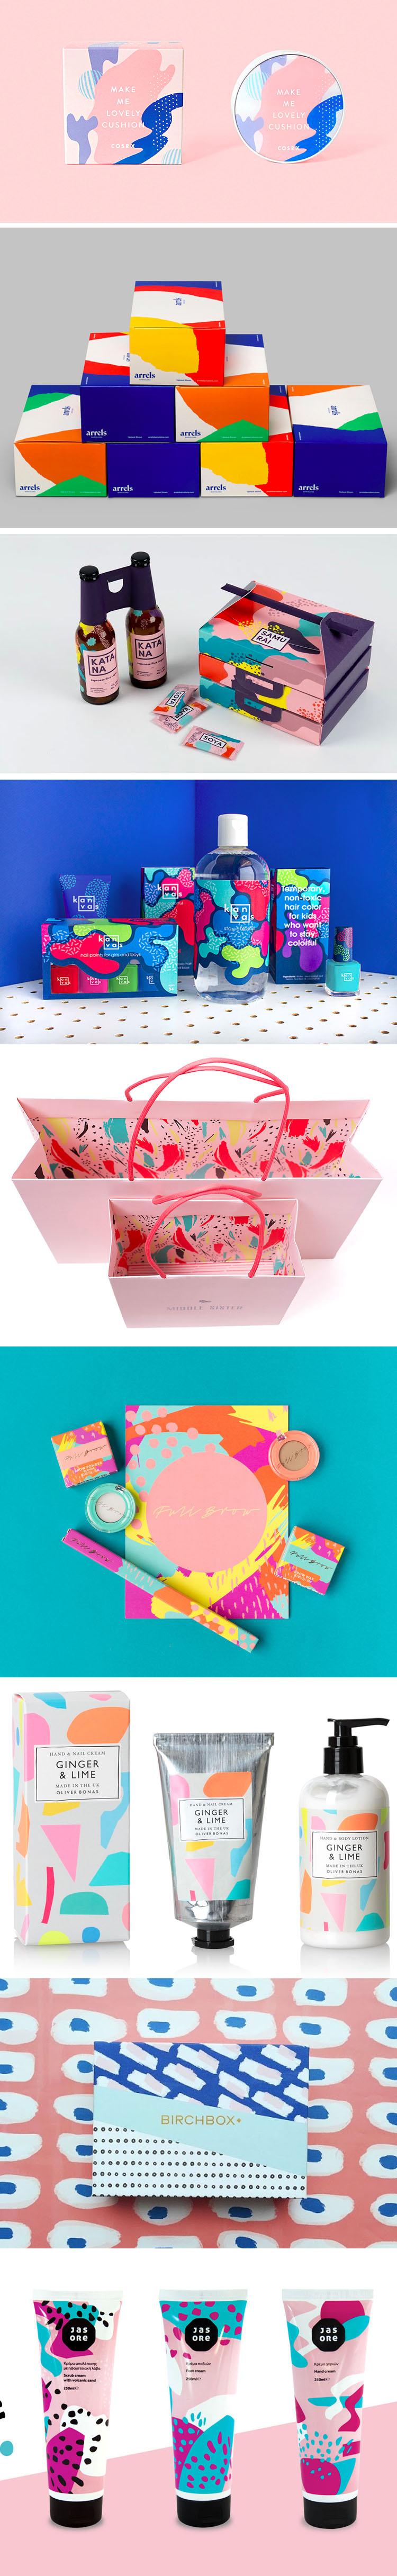 Splash of colors packaging